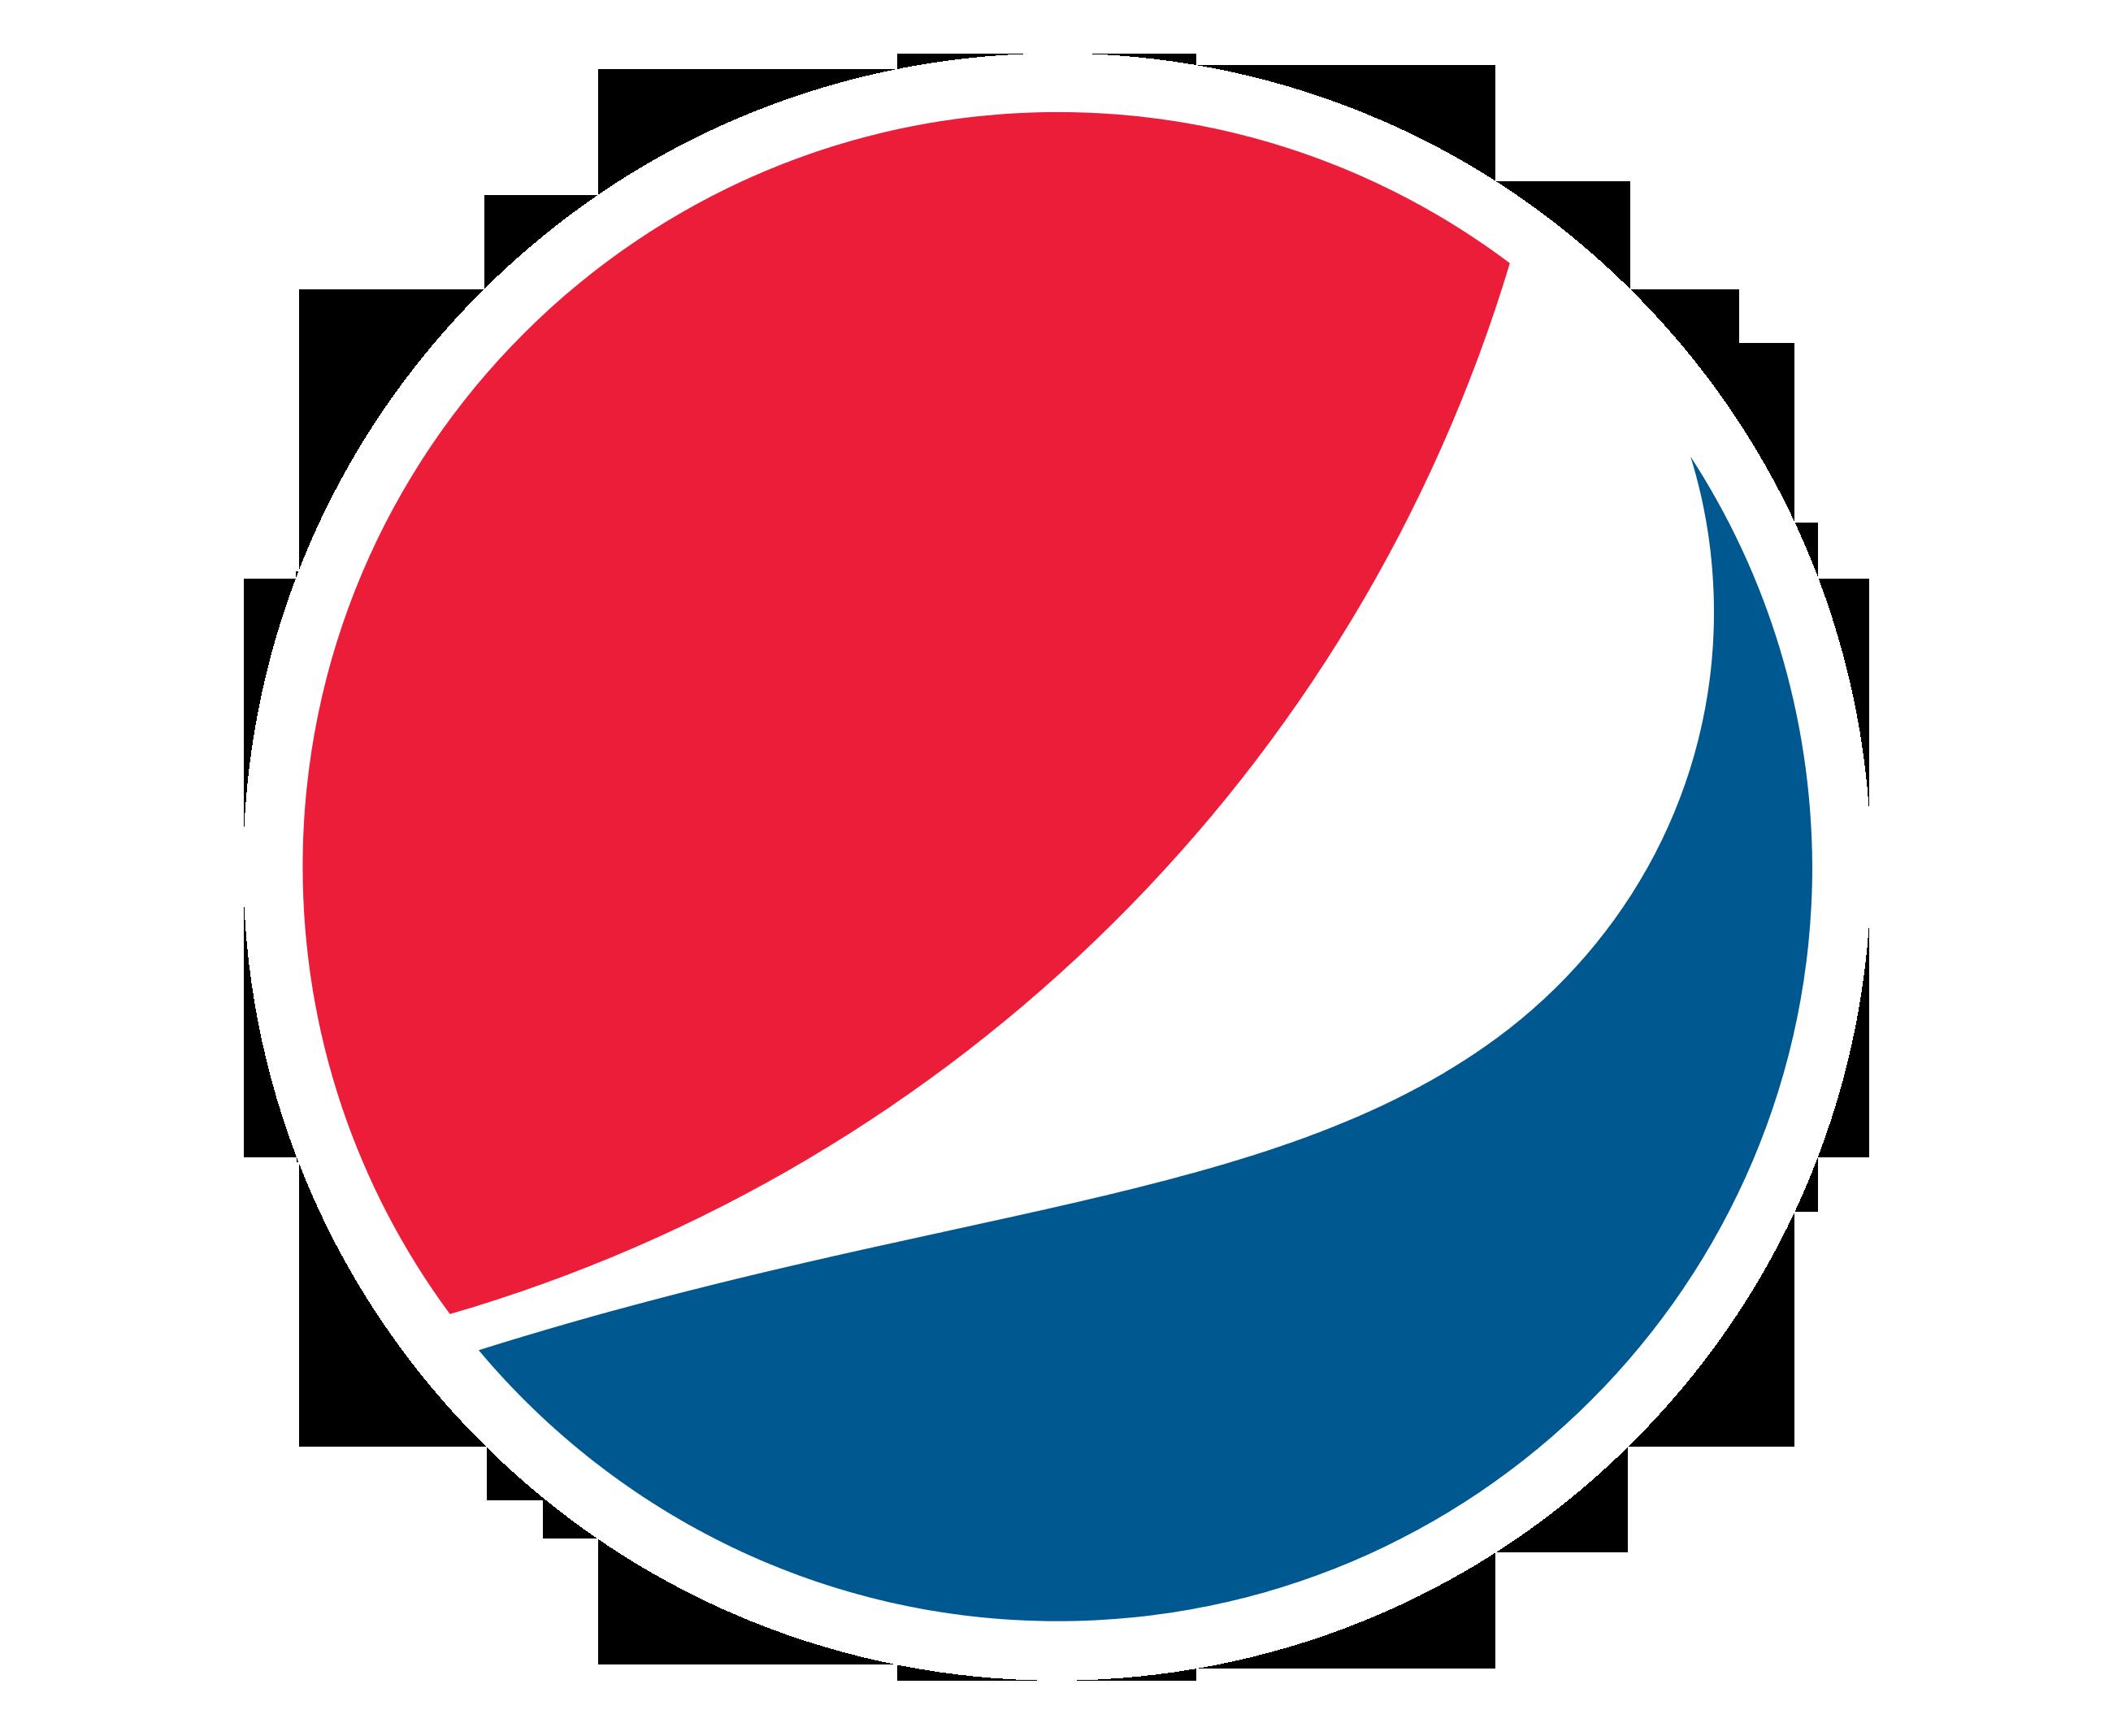 symbol logos.